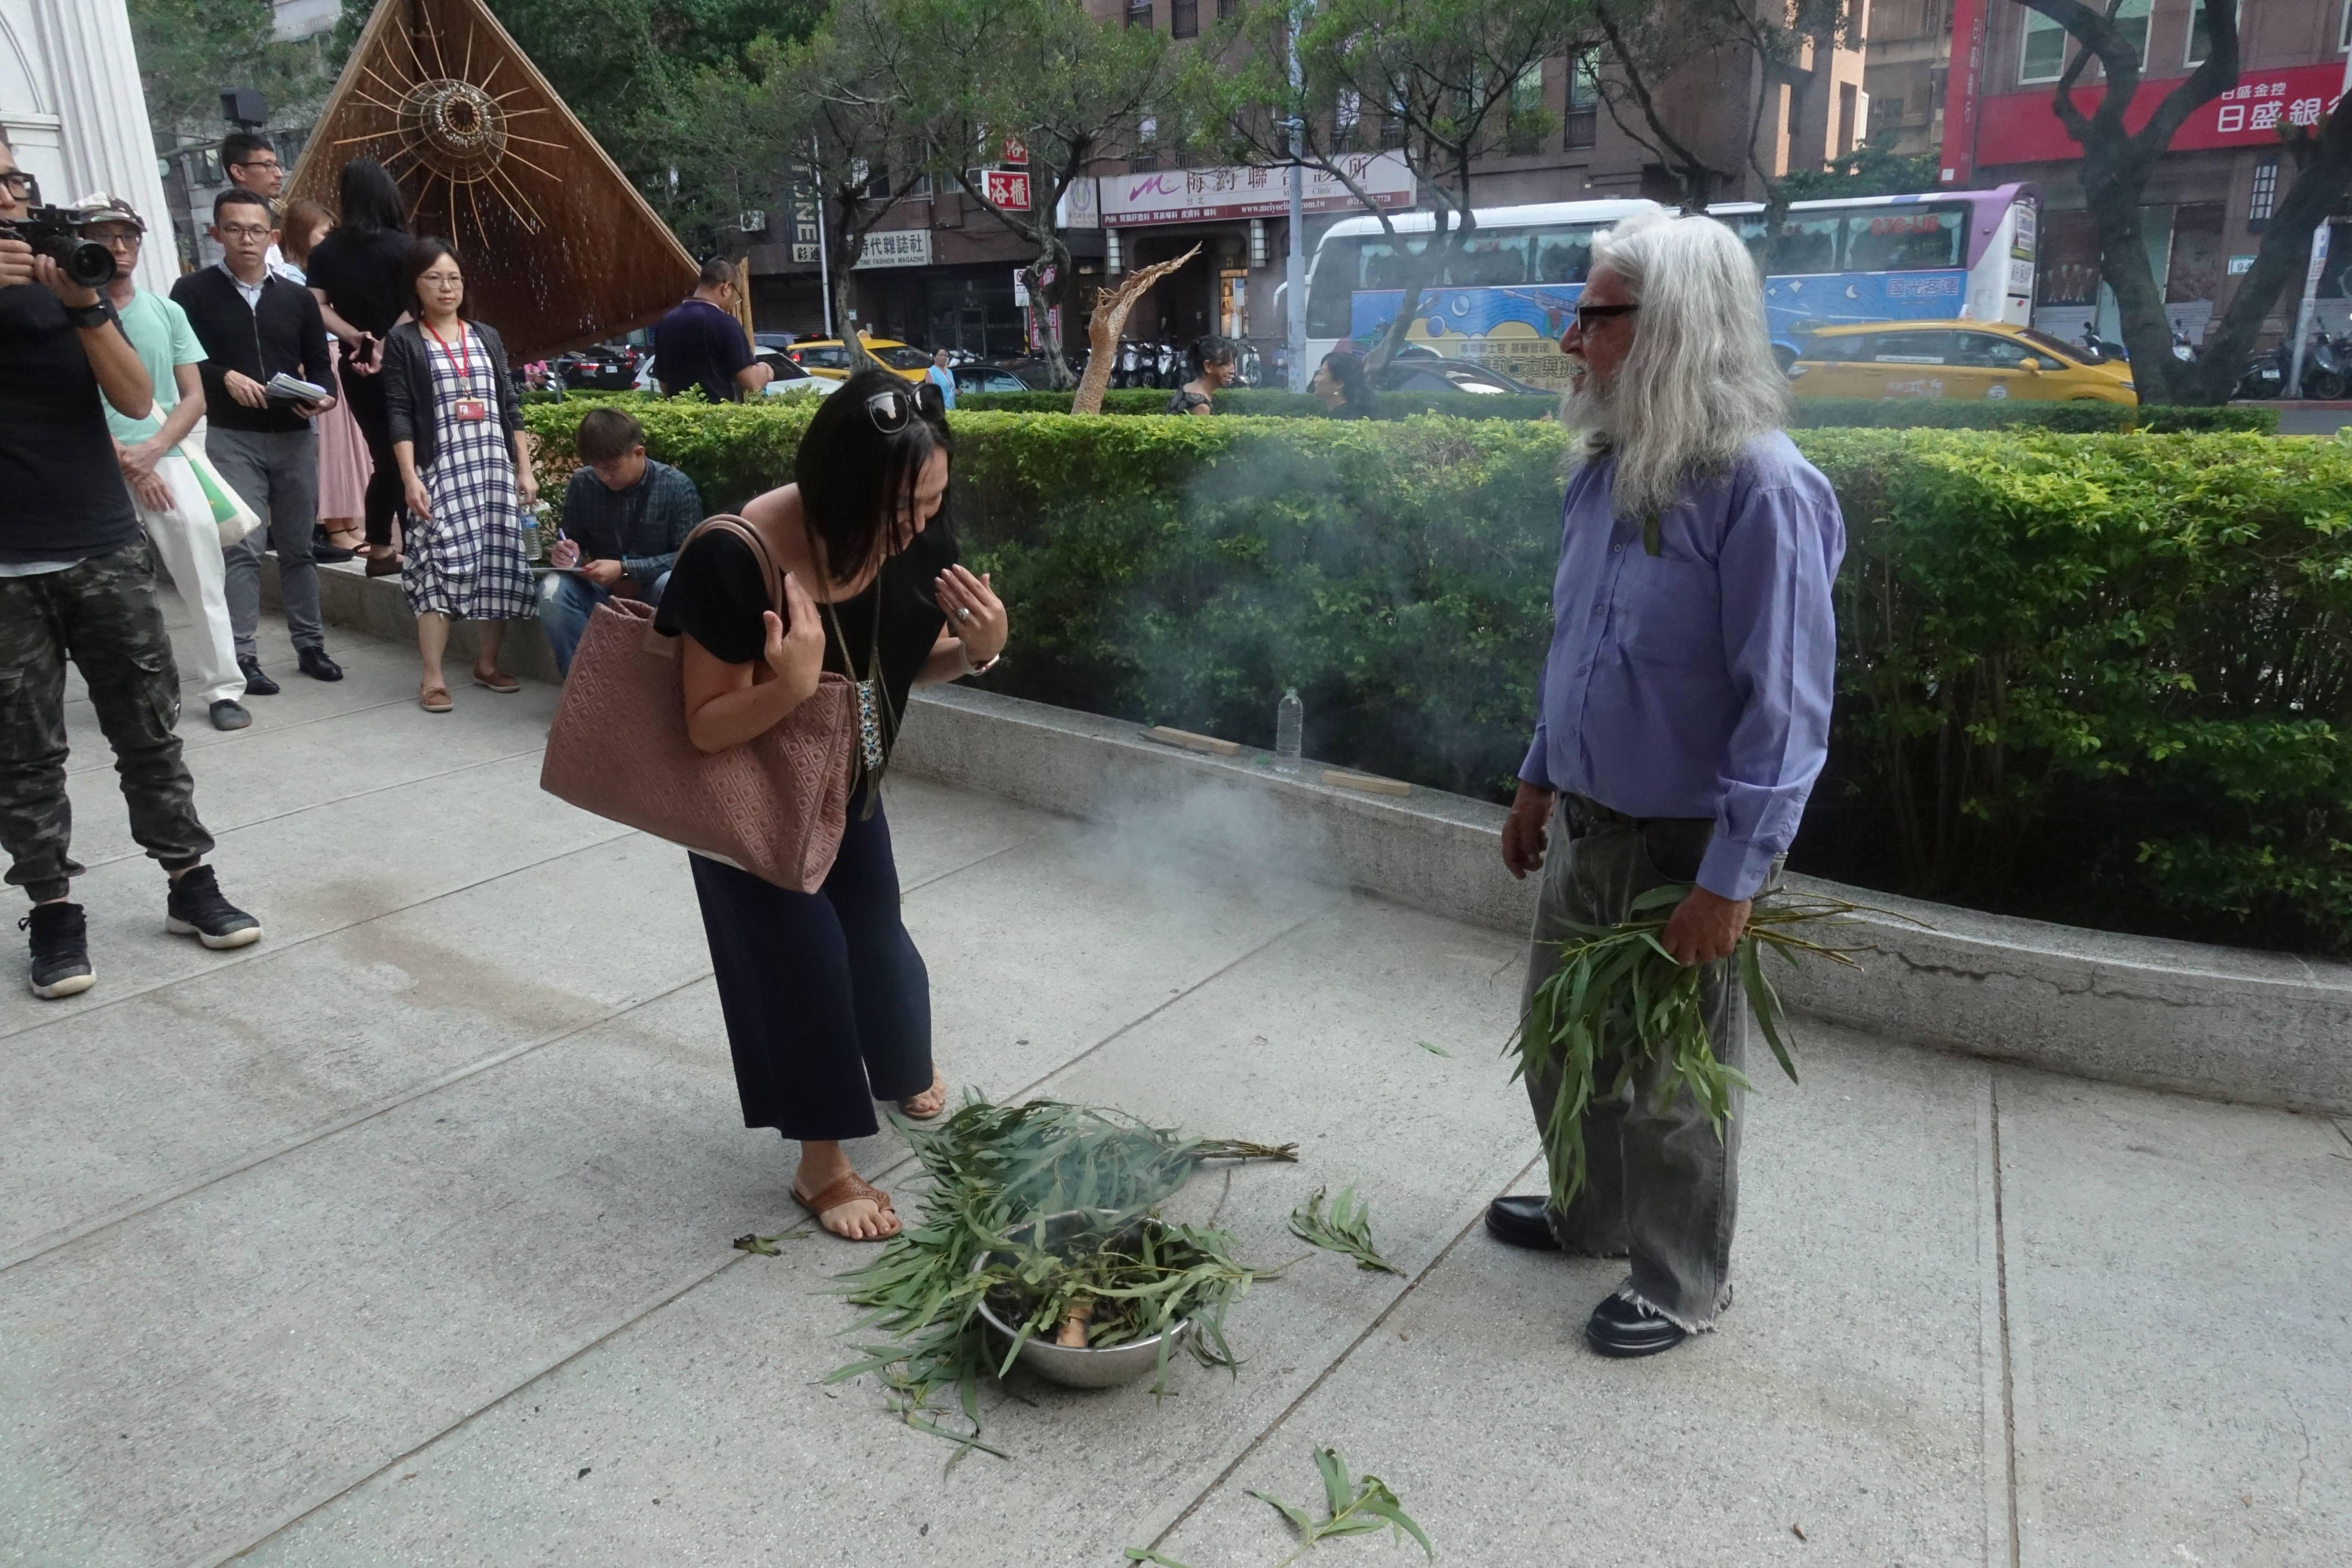 台灣媒體記者朋友依照澳洲原住民長老賴瑞.沃許(Uncle LarryWalsh)演示傳統祈福進行全身淨化儀式。